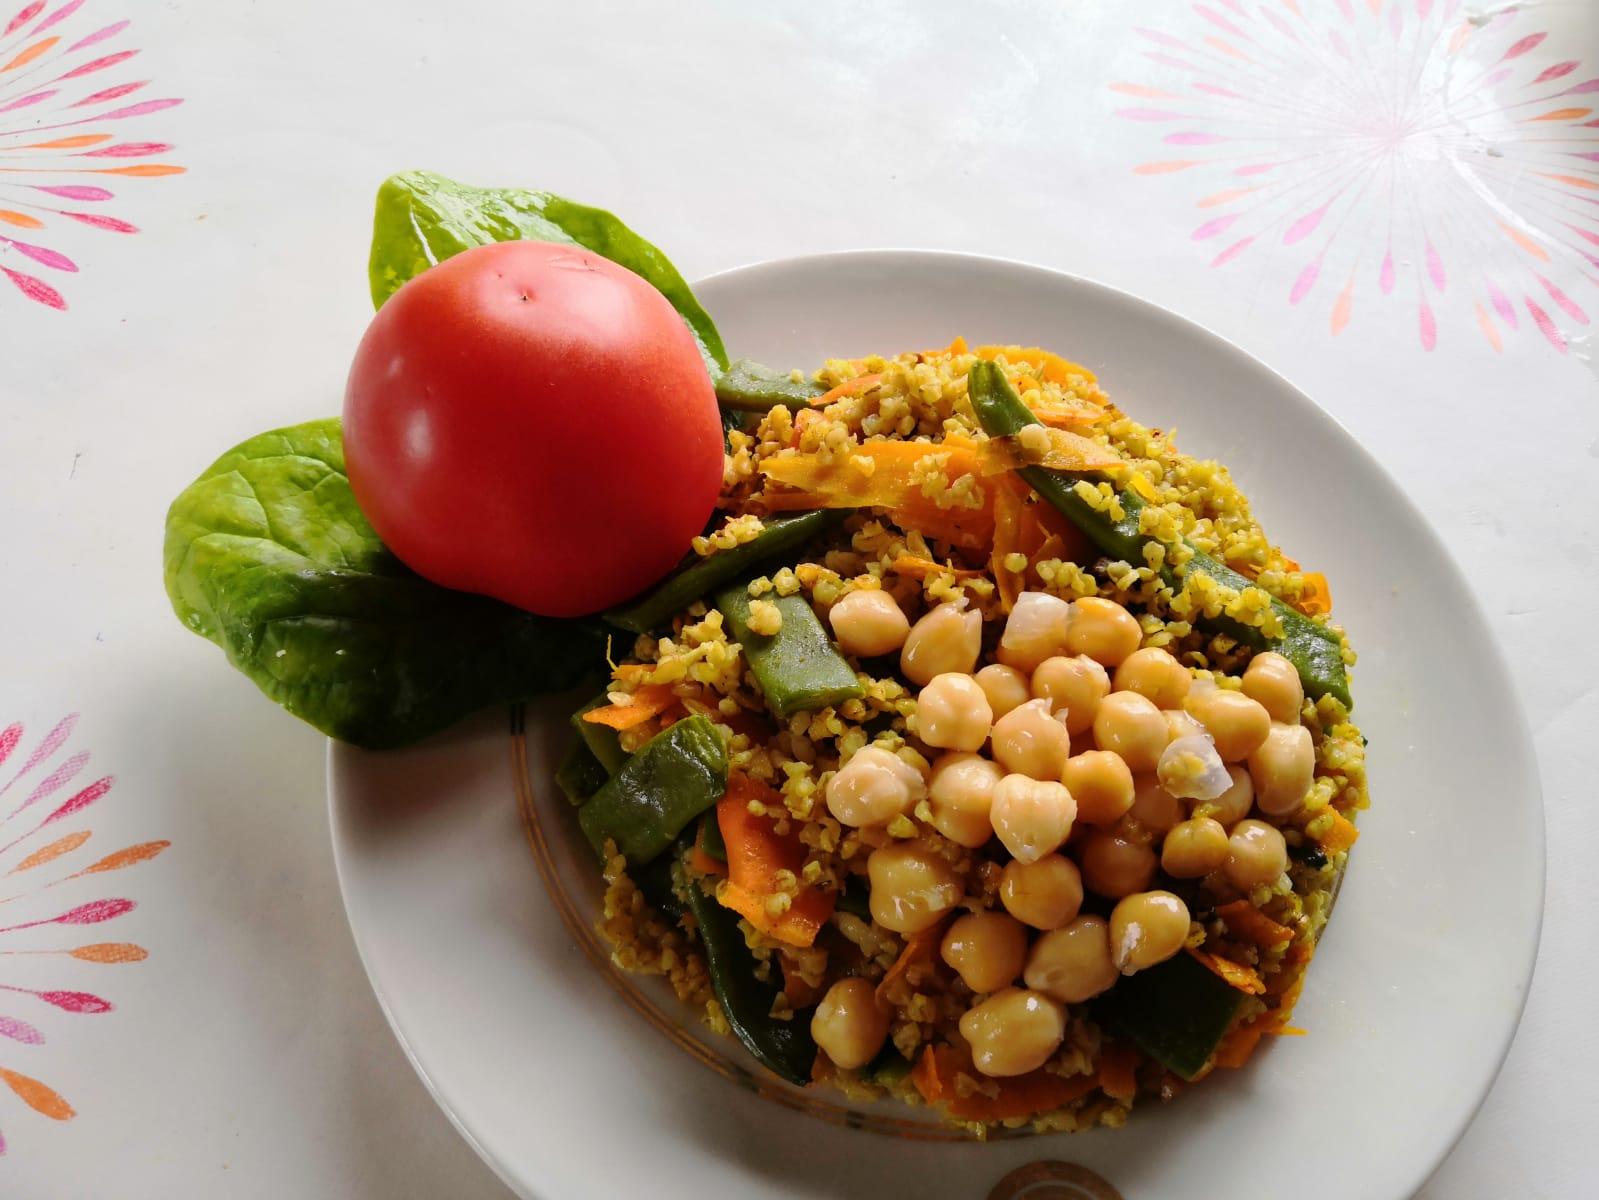 La recette du bulgur pilavi d'Emilie, mélange des cultures et des saveurs il fait fureur !